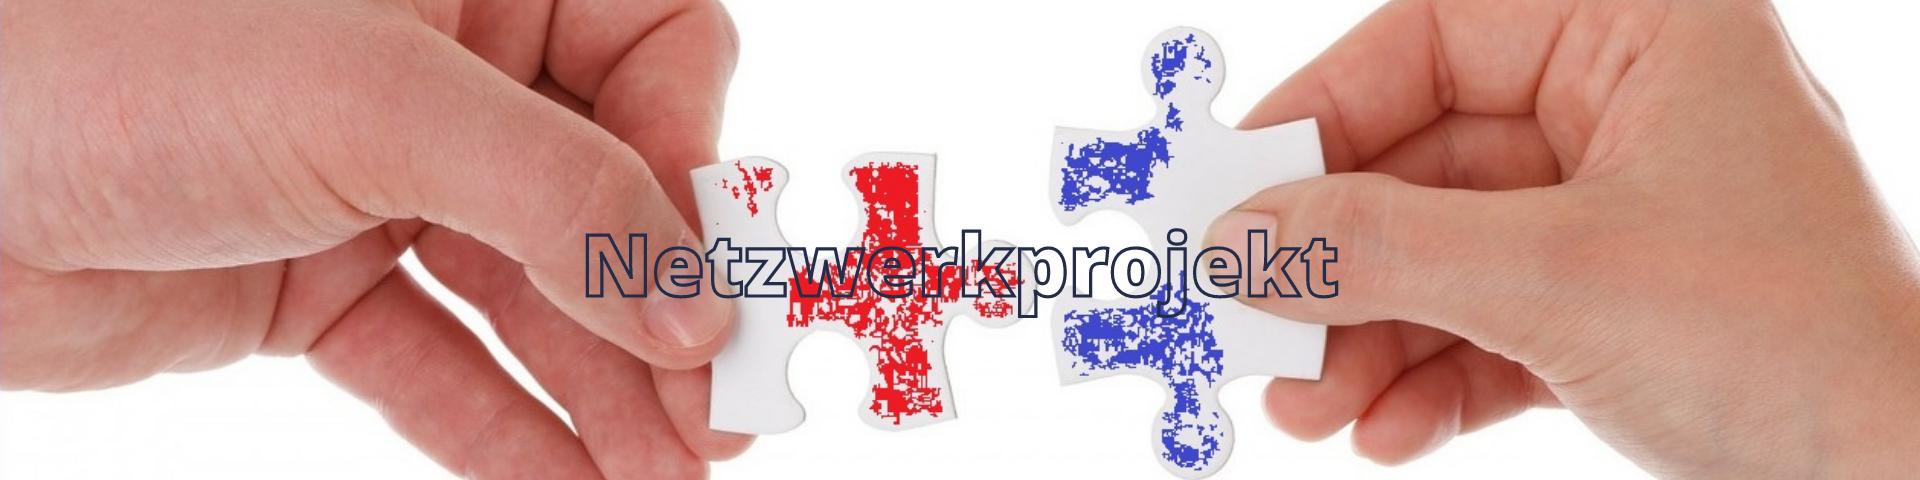 Puzzleteile in rot und blau